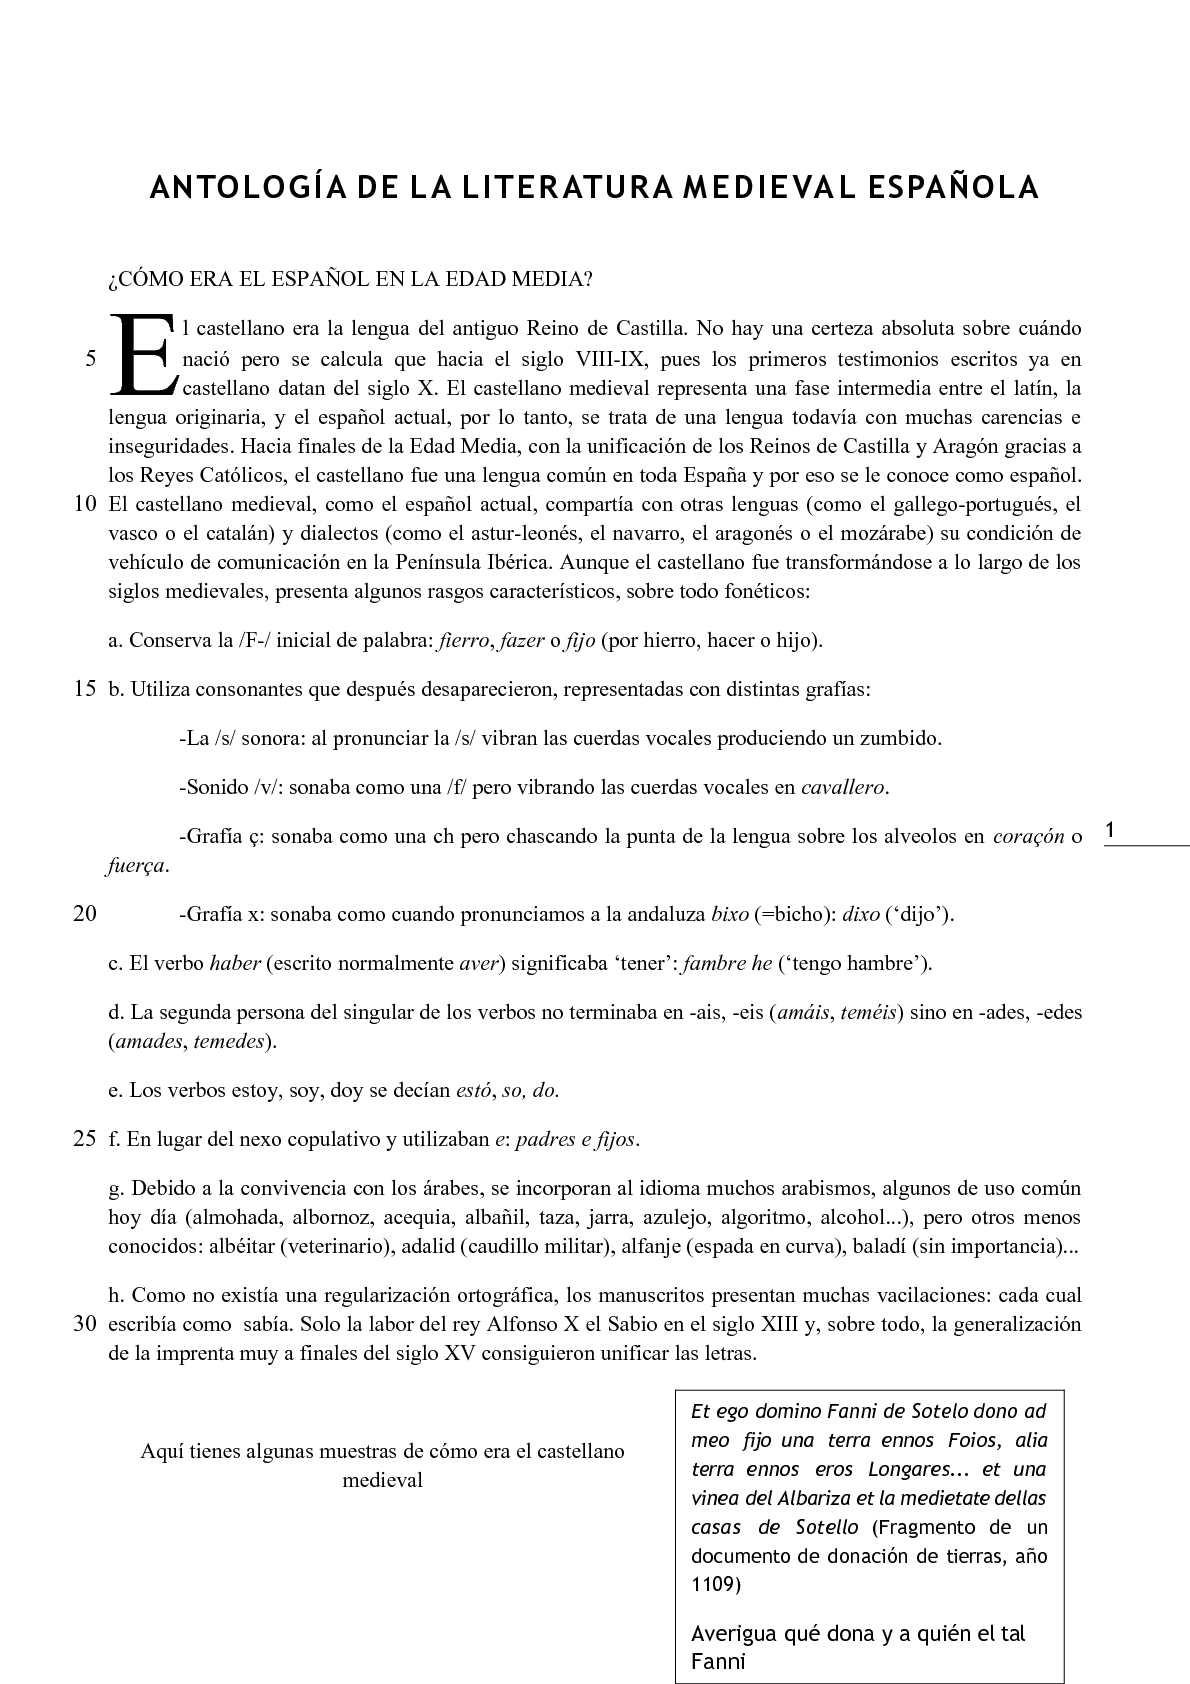 Calaméo - Antología de la literatura medieval